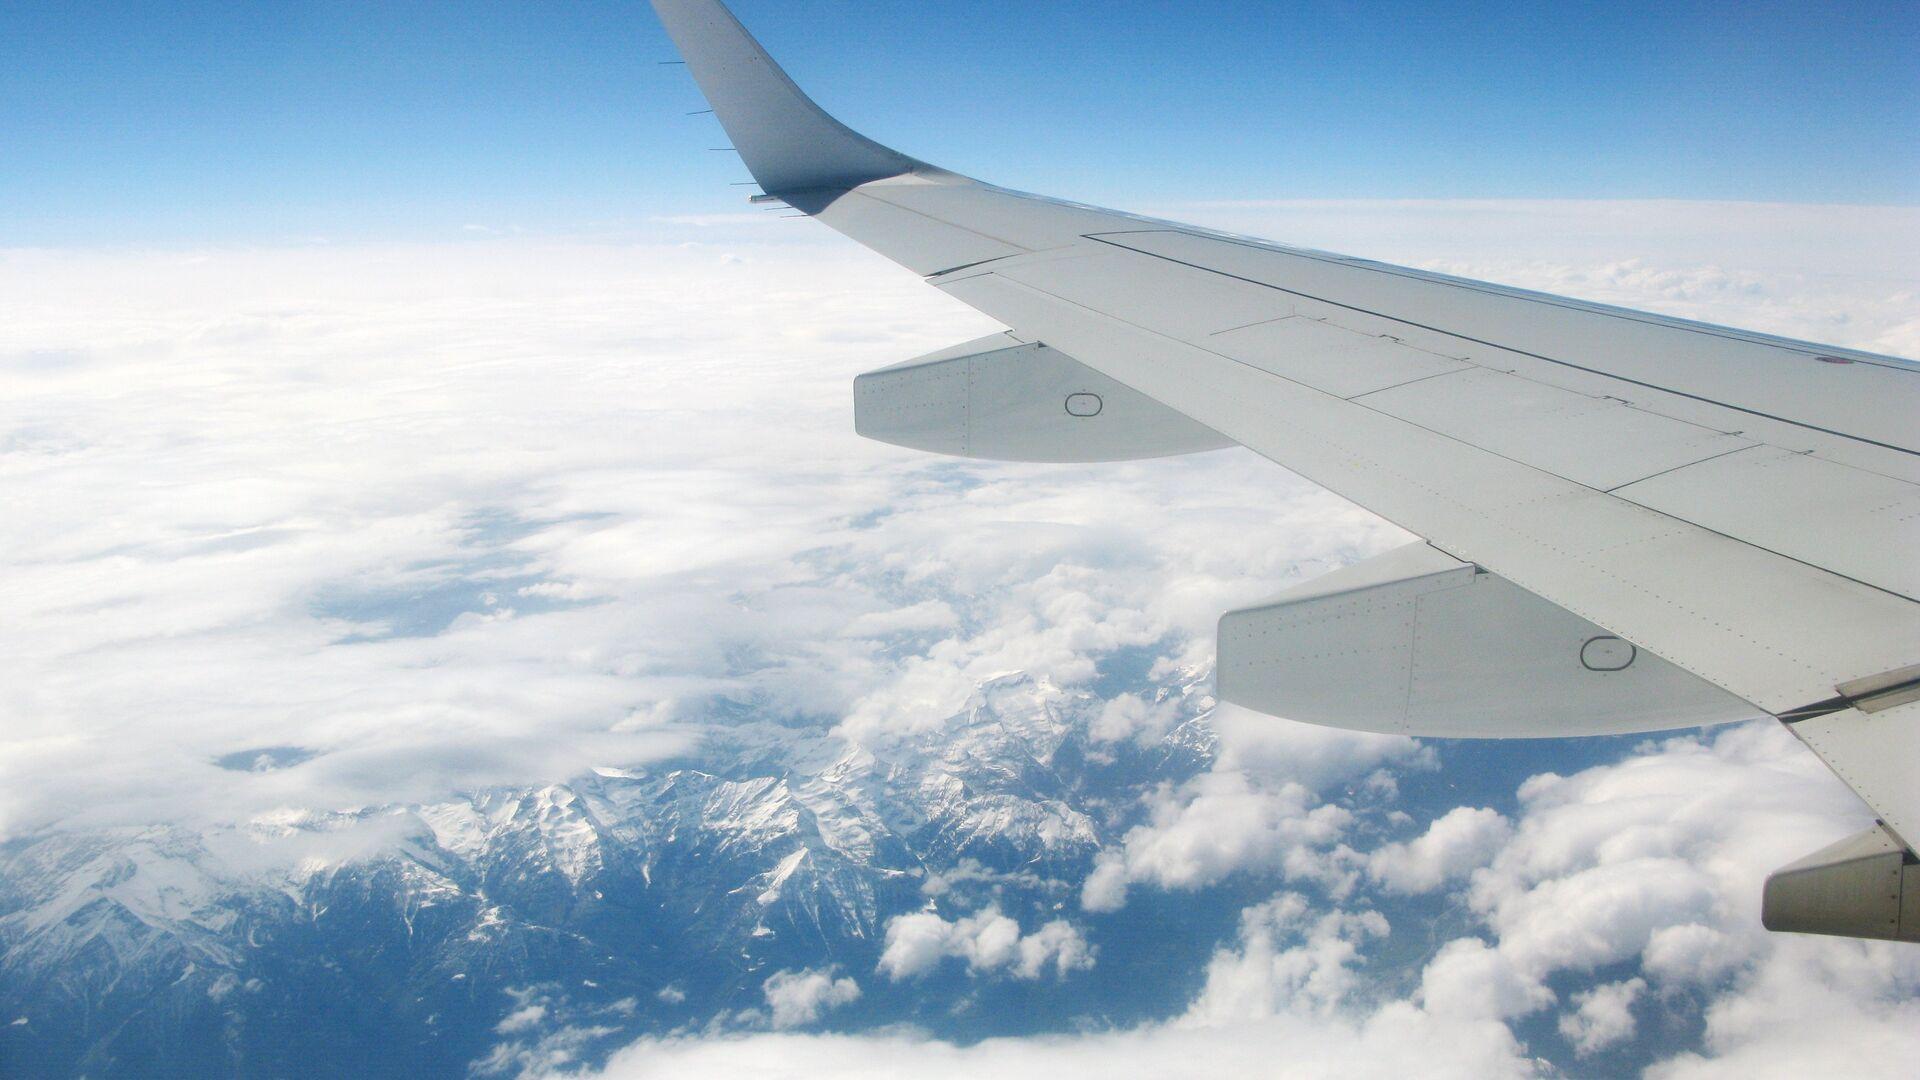 Вид из иллюминатора пассажирского самолета, архивное фото - Sputnik Таджикистан, 1920, 18.08.2021